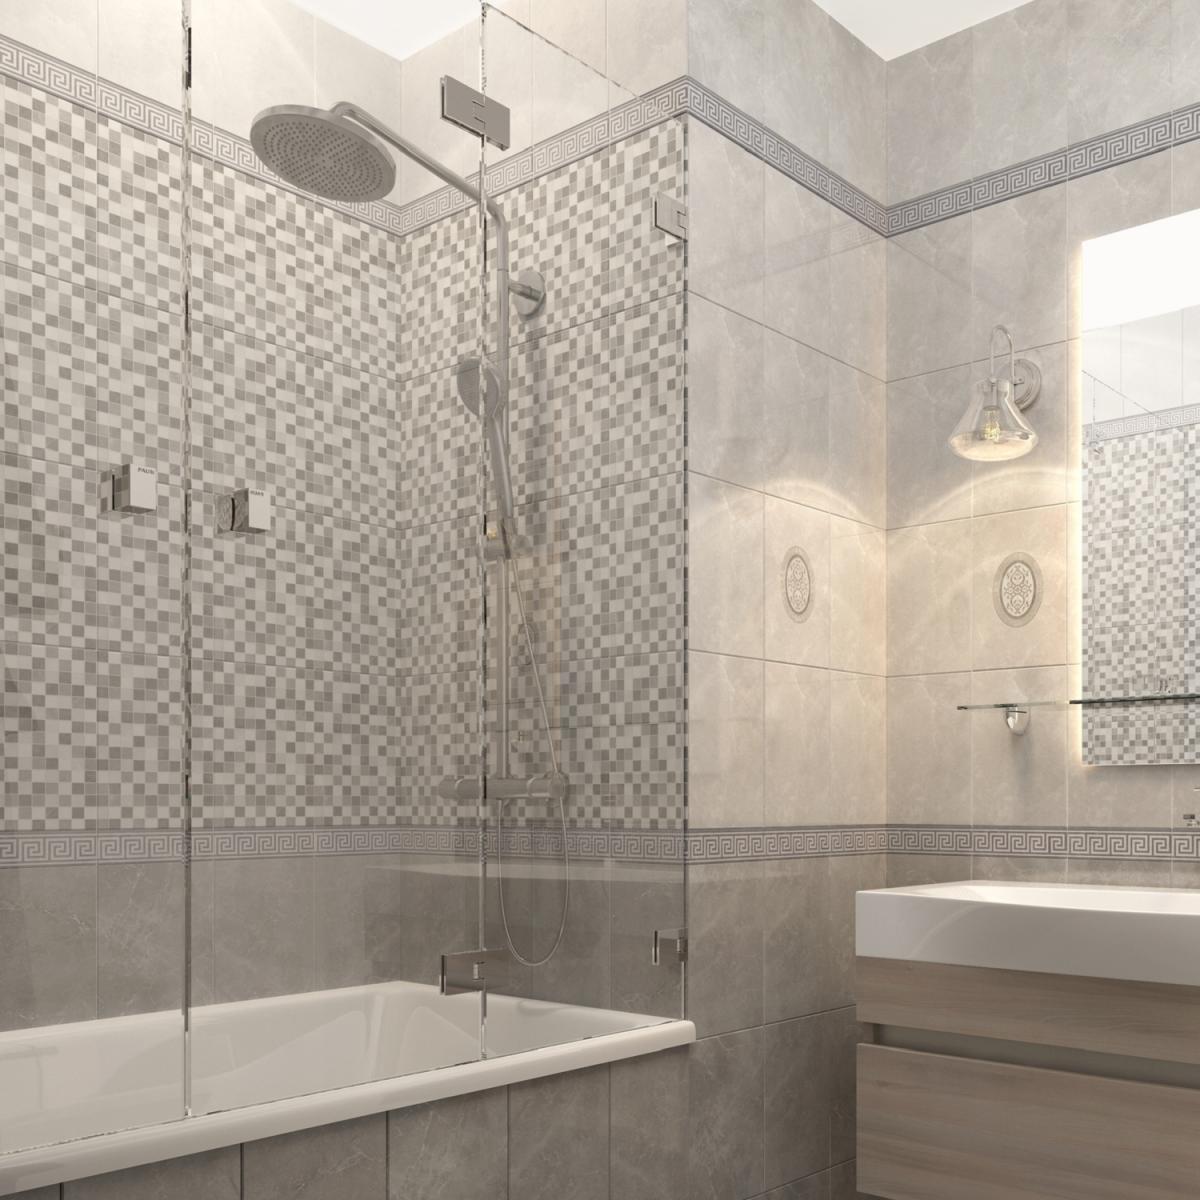 Плитка настенная Дора 20x30 см 144 м² цвет серый микс